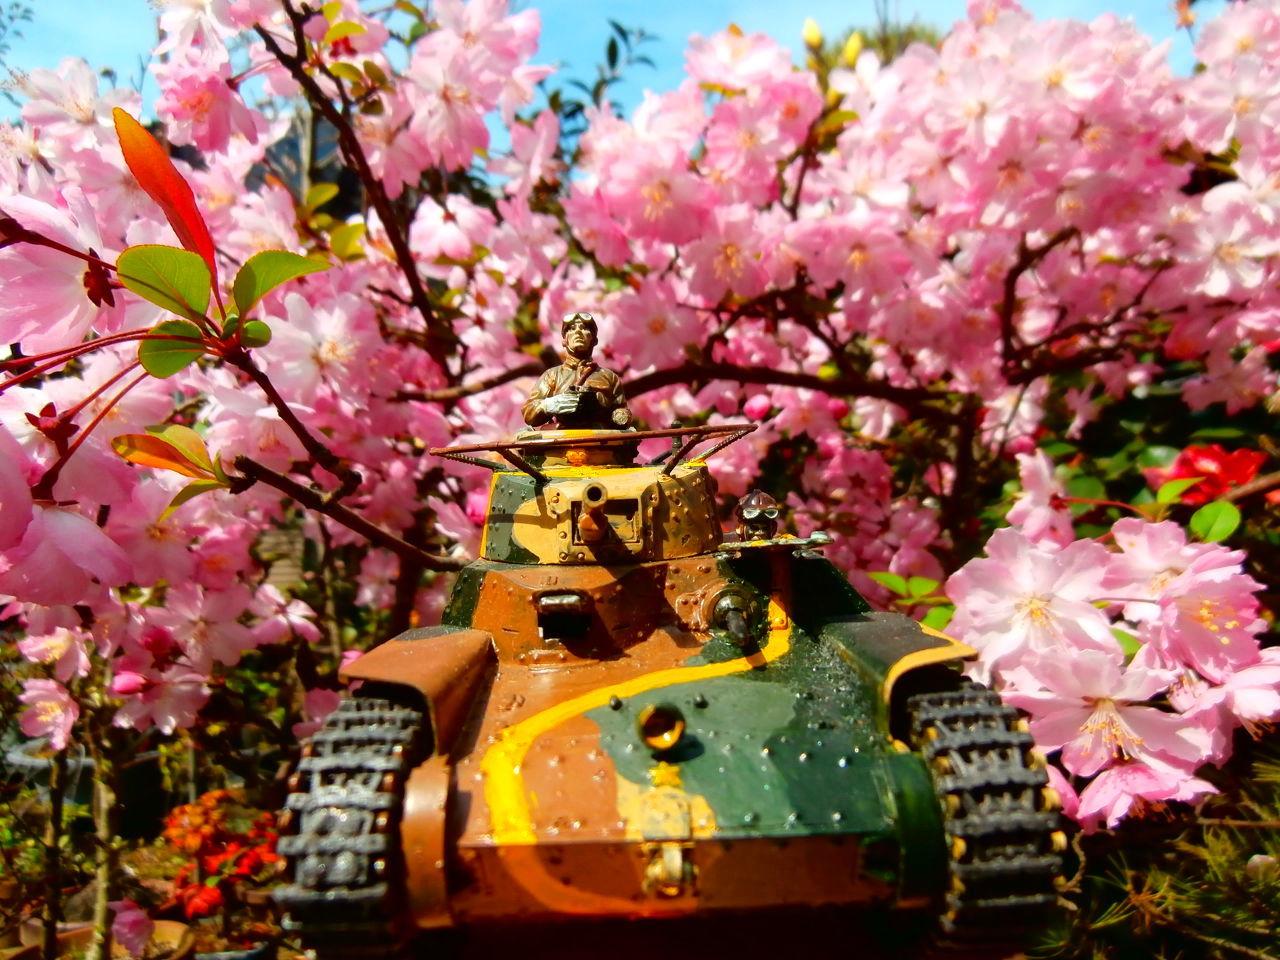 龍神の棲家...。oо○**○оo。... われらがチハたん 正面から  主砲は57ミリだが貫通力でドイツ軍の2号軽戦車の20ミリ砲にも劣るらし